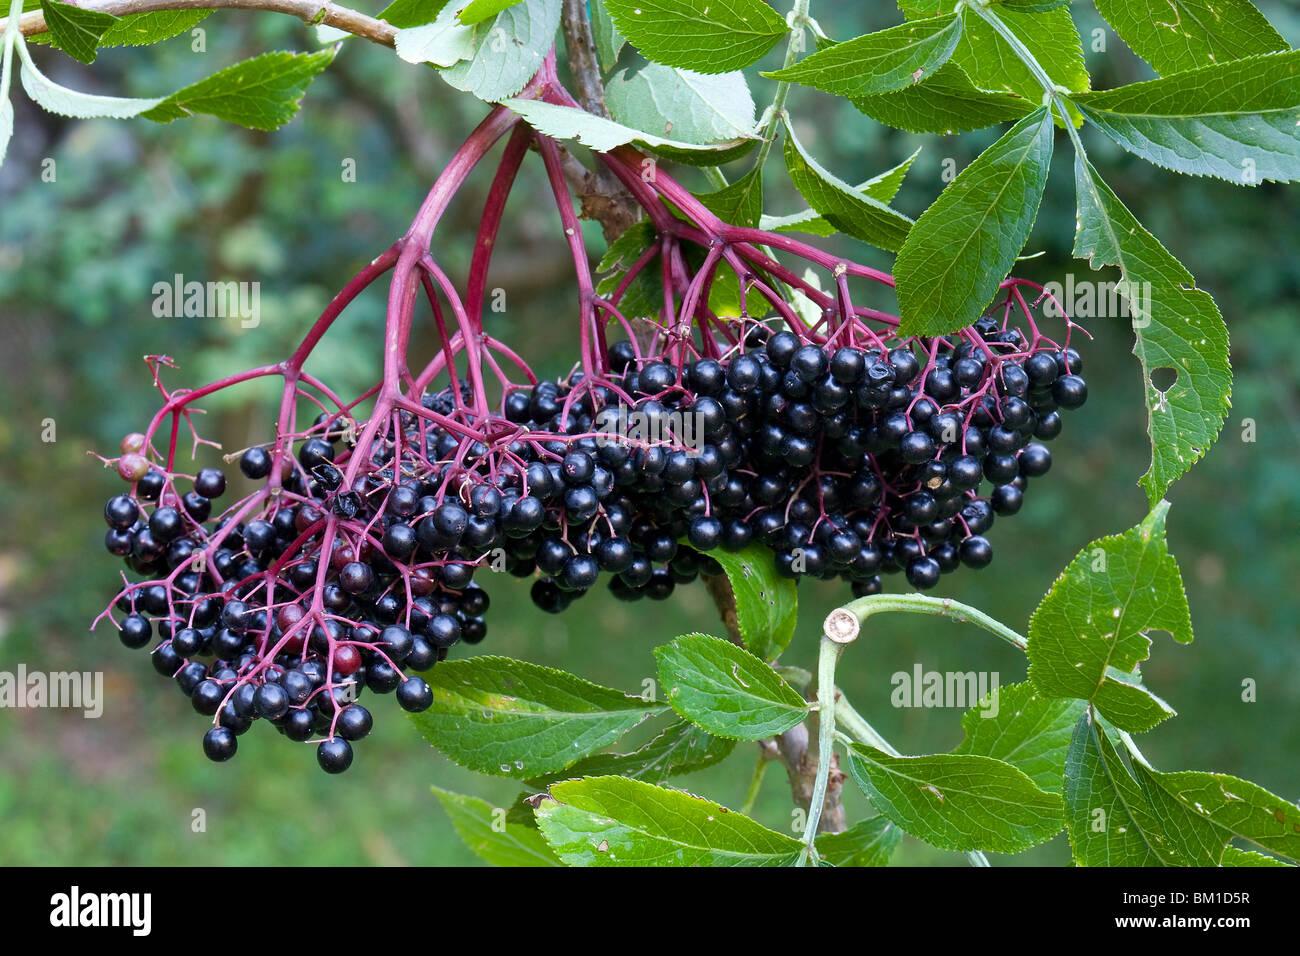 Sambucus nigra, black elder, berries, sambuco nero - Stock Image